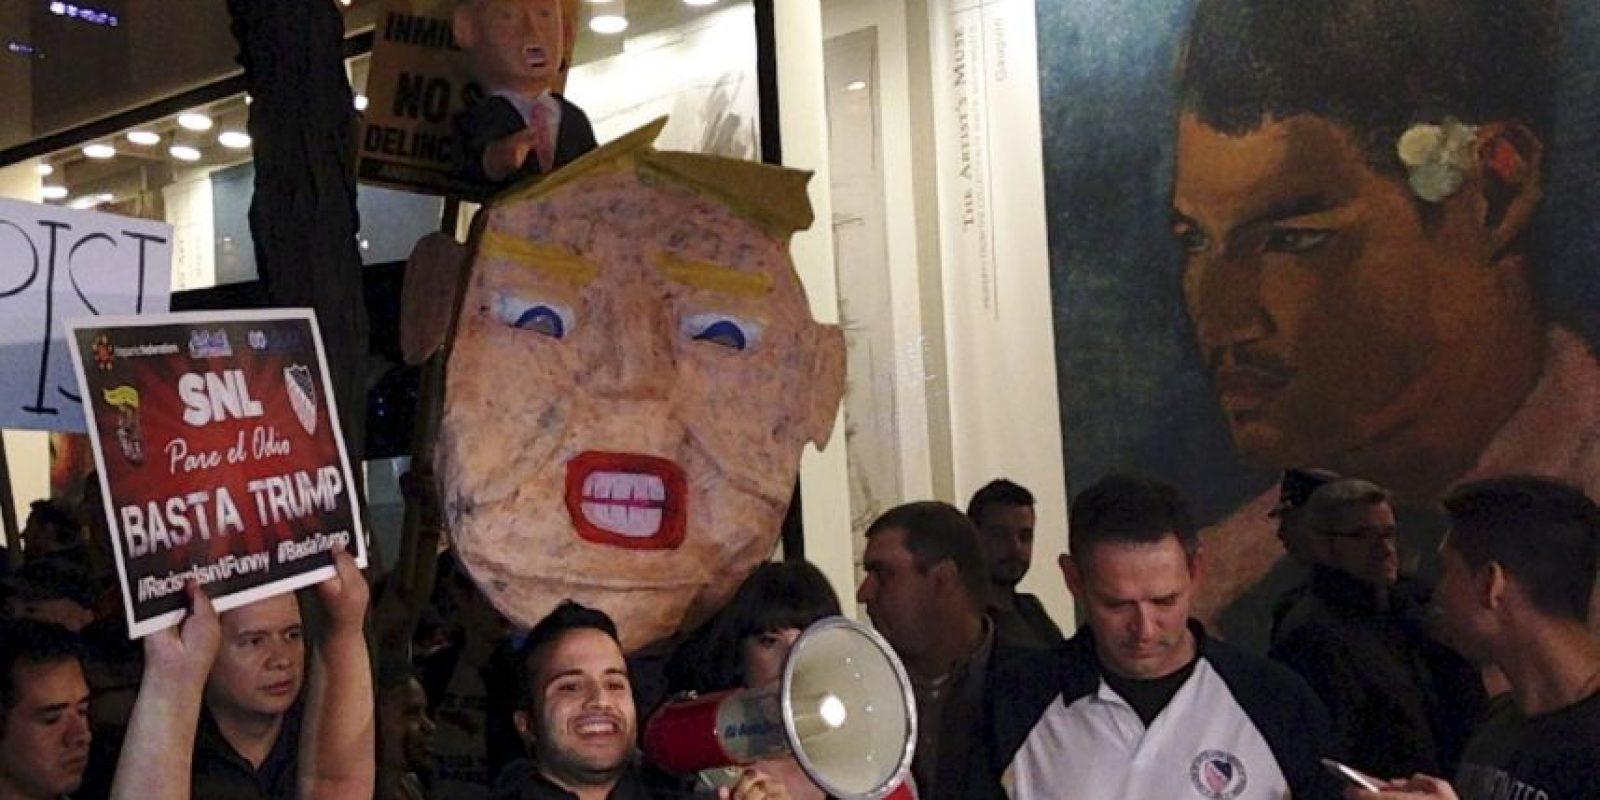 """Con el lema """"El racismo no es gracioso"""" decenas de ciudadanos repudiaron la participación de Trump en Saturday Night Live. Foto:AP"""